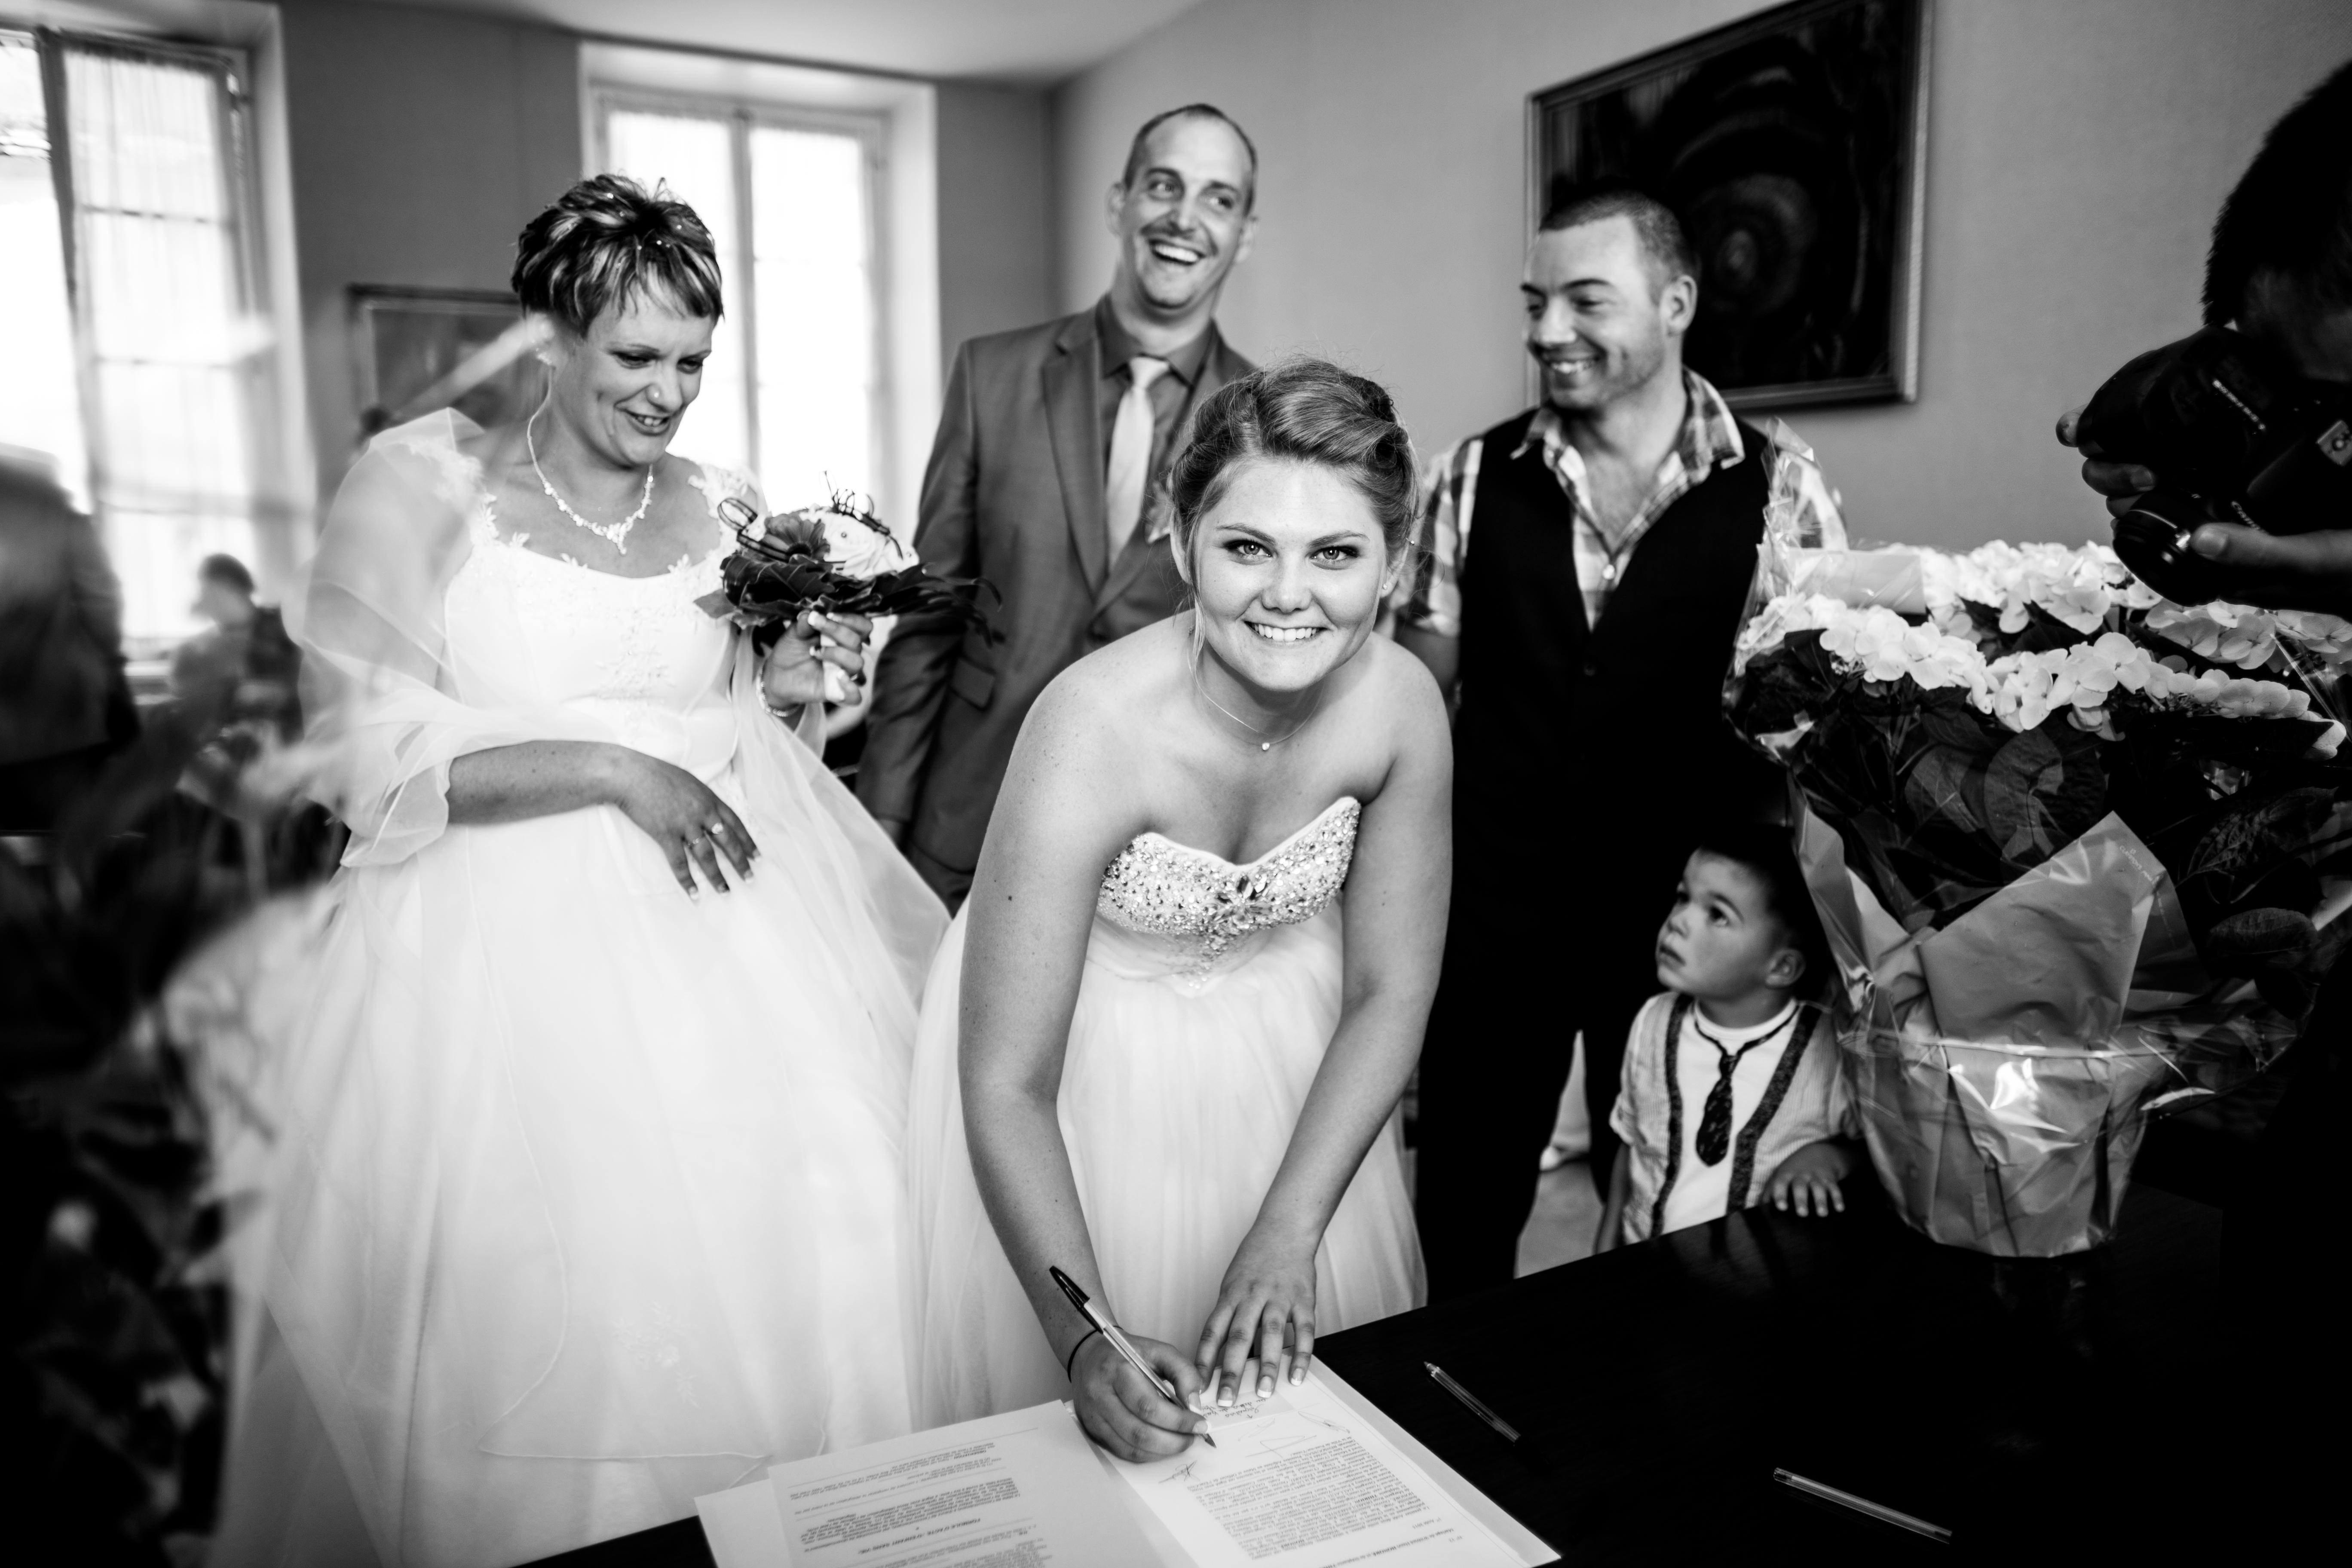 04 Bamberger christophe, photographe de mariage, Ile de France, Photobach, mairie